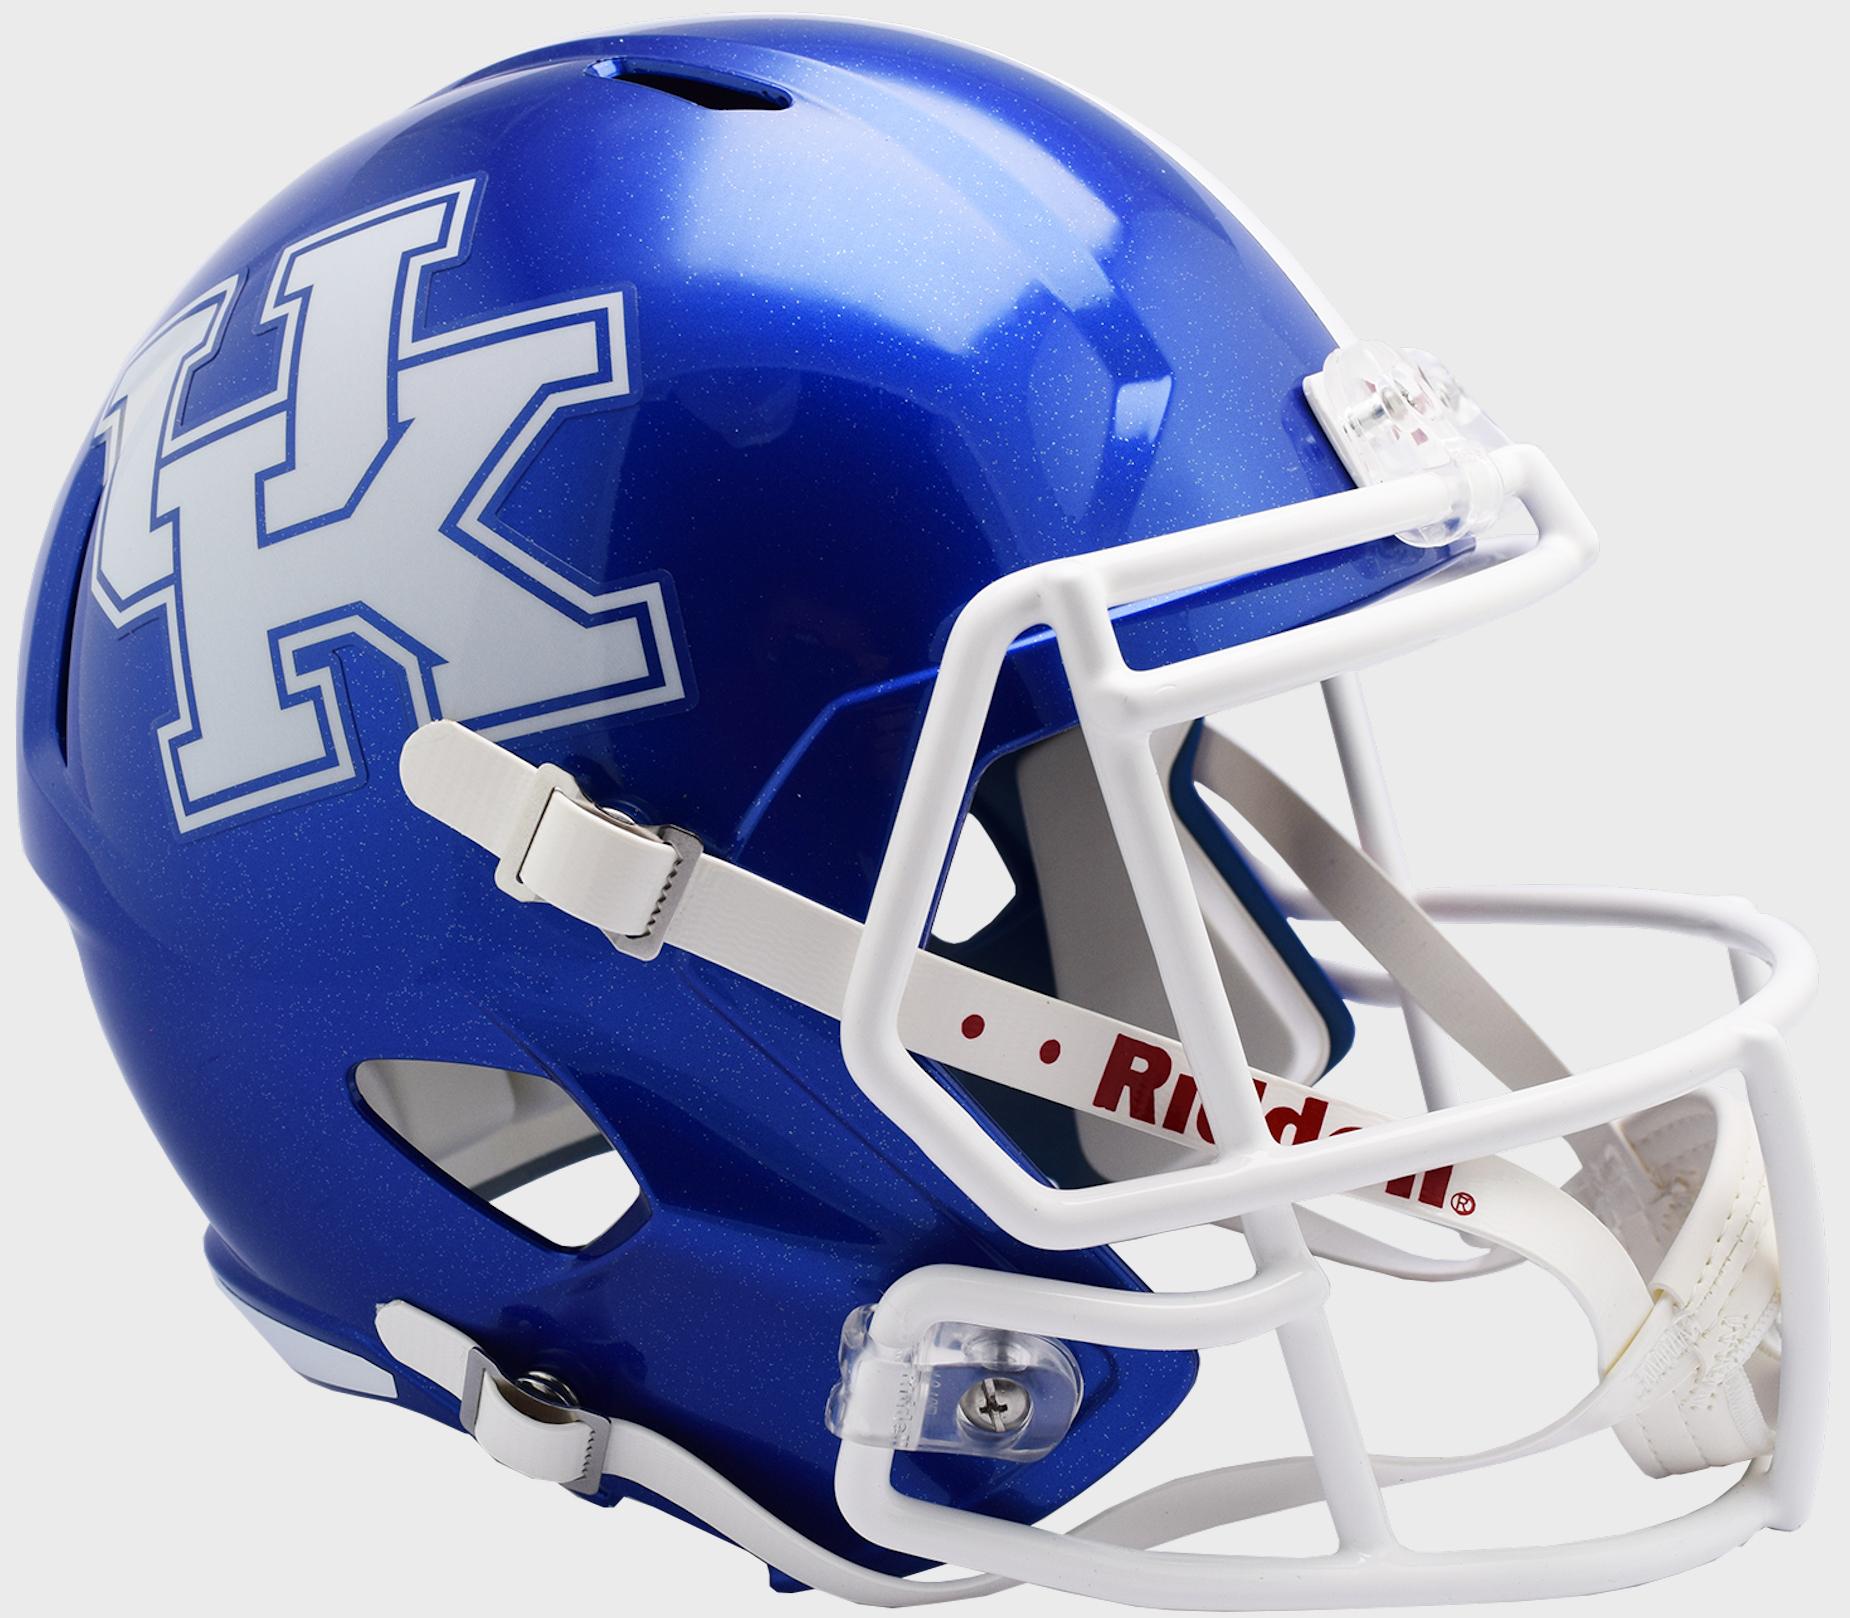 Kentucky Wildcats Speed Replica Football Helmet